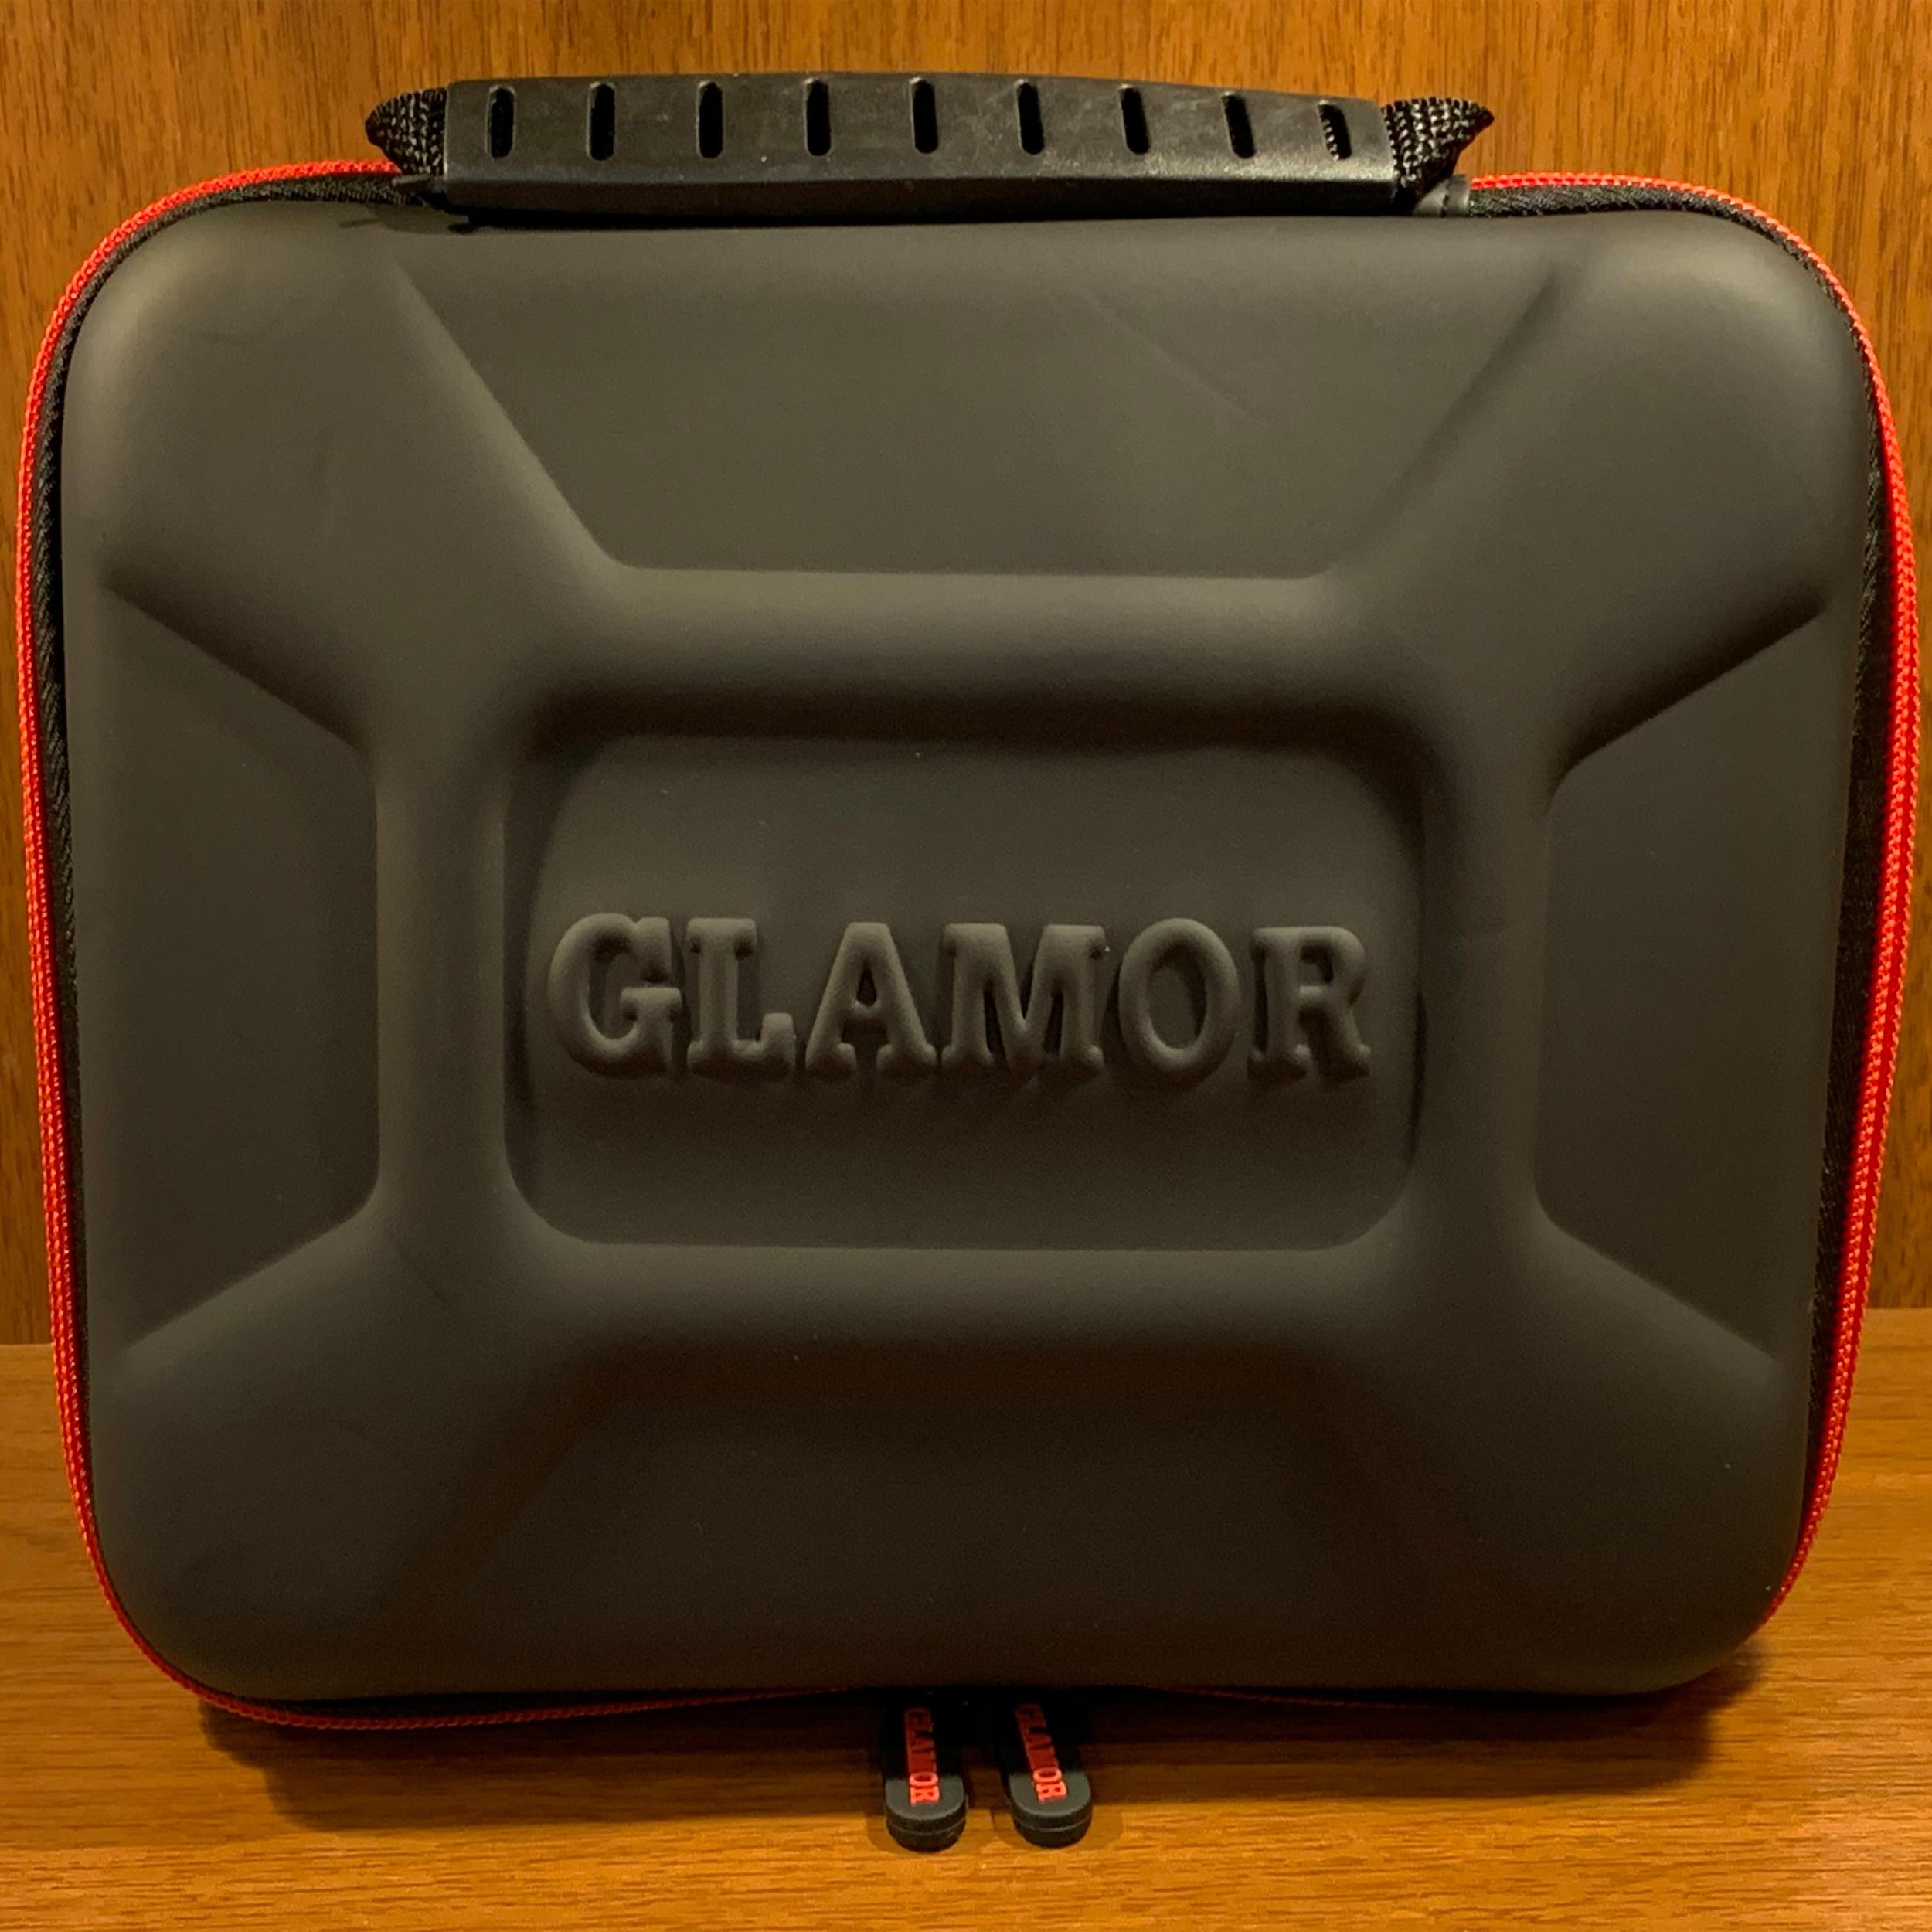 خرید                                     فشارسنج دیجیتال گلامور مدل HL868VF